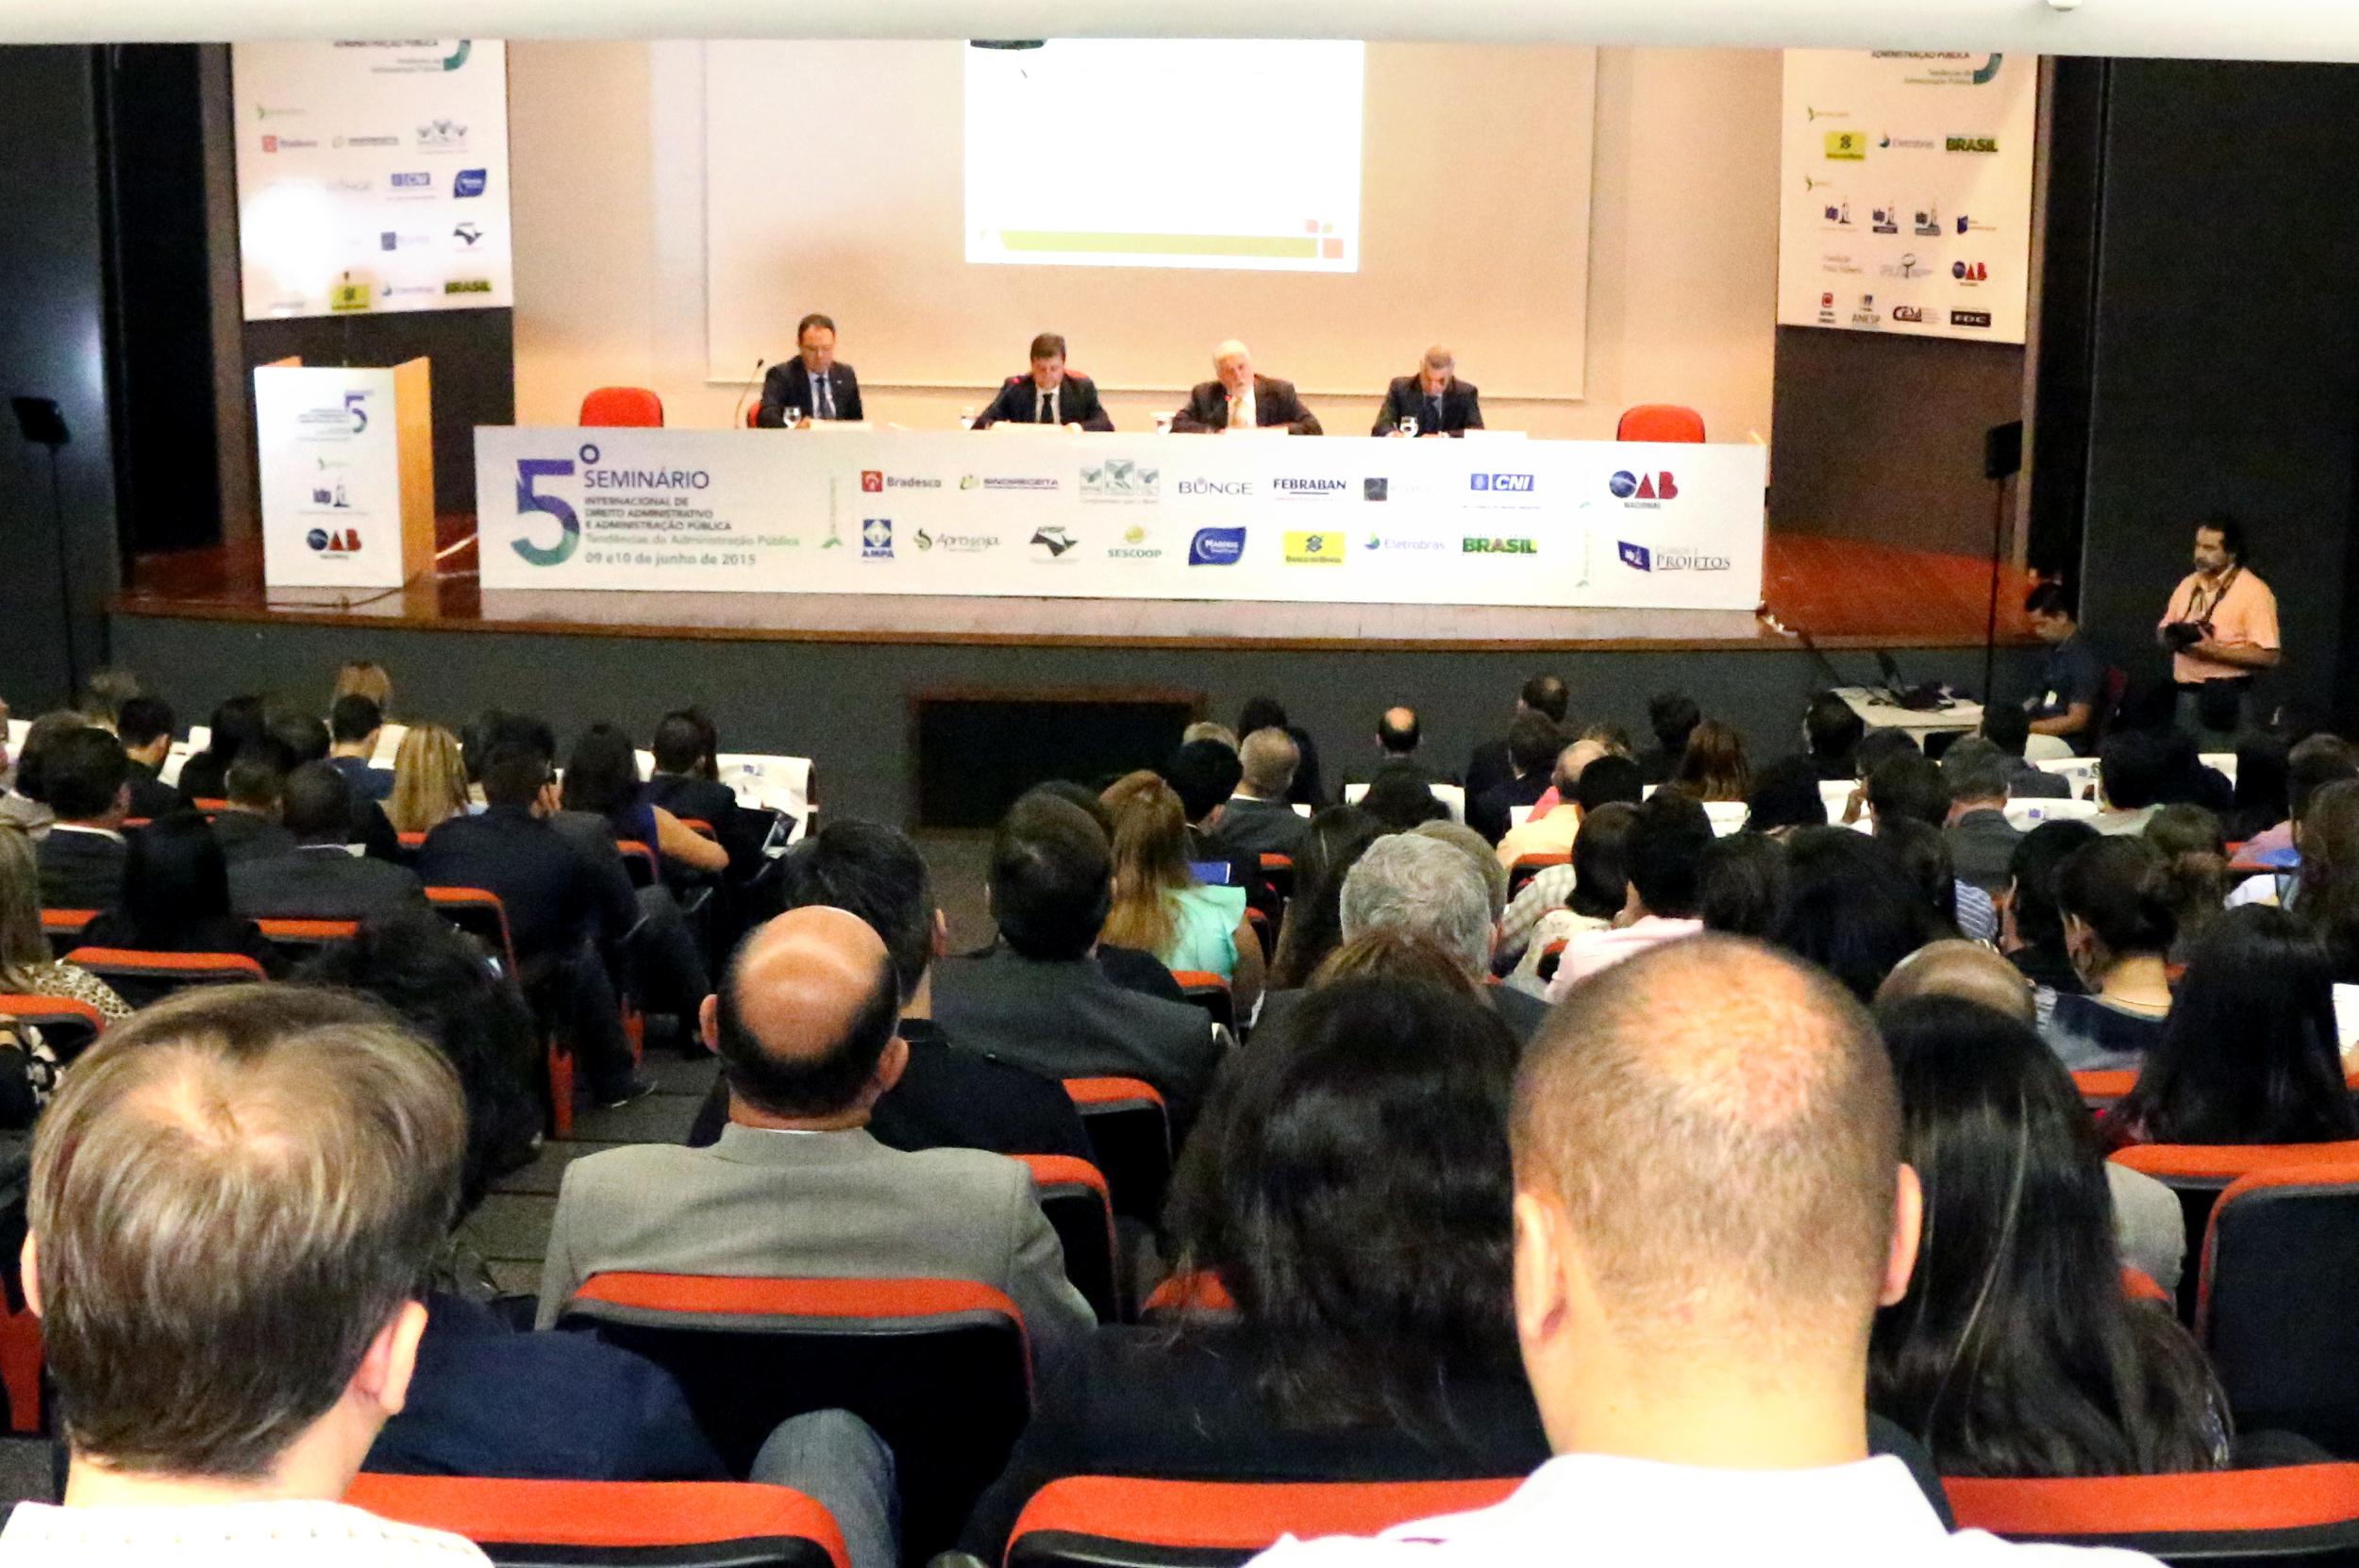 Seminário2 Internacional IDEP.jpg